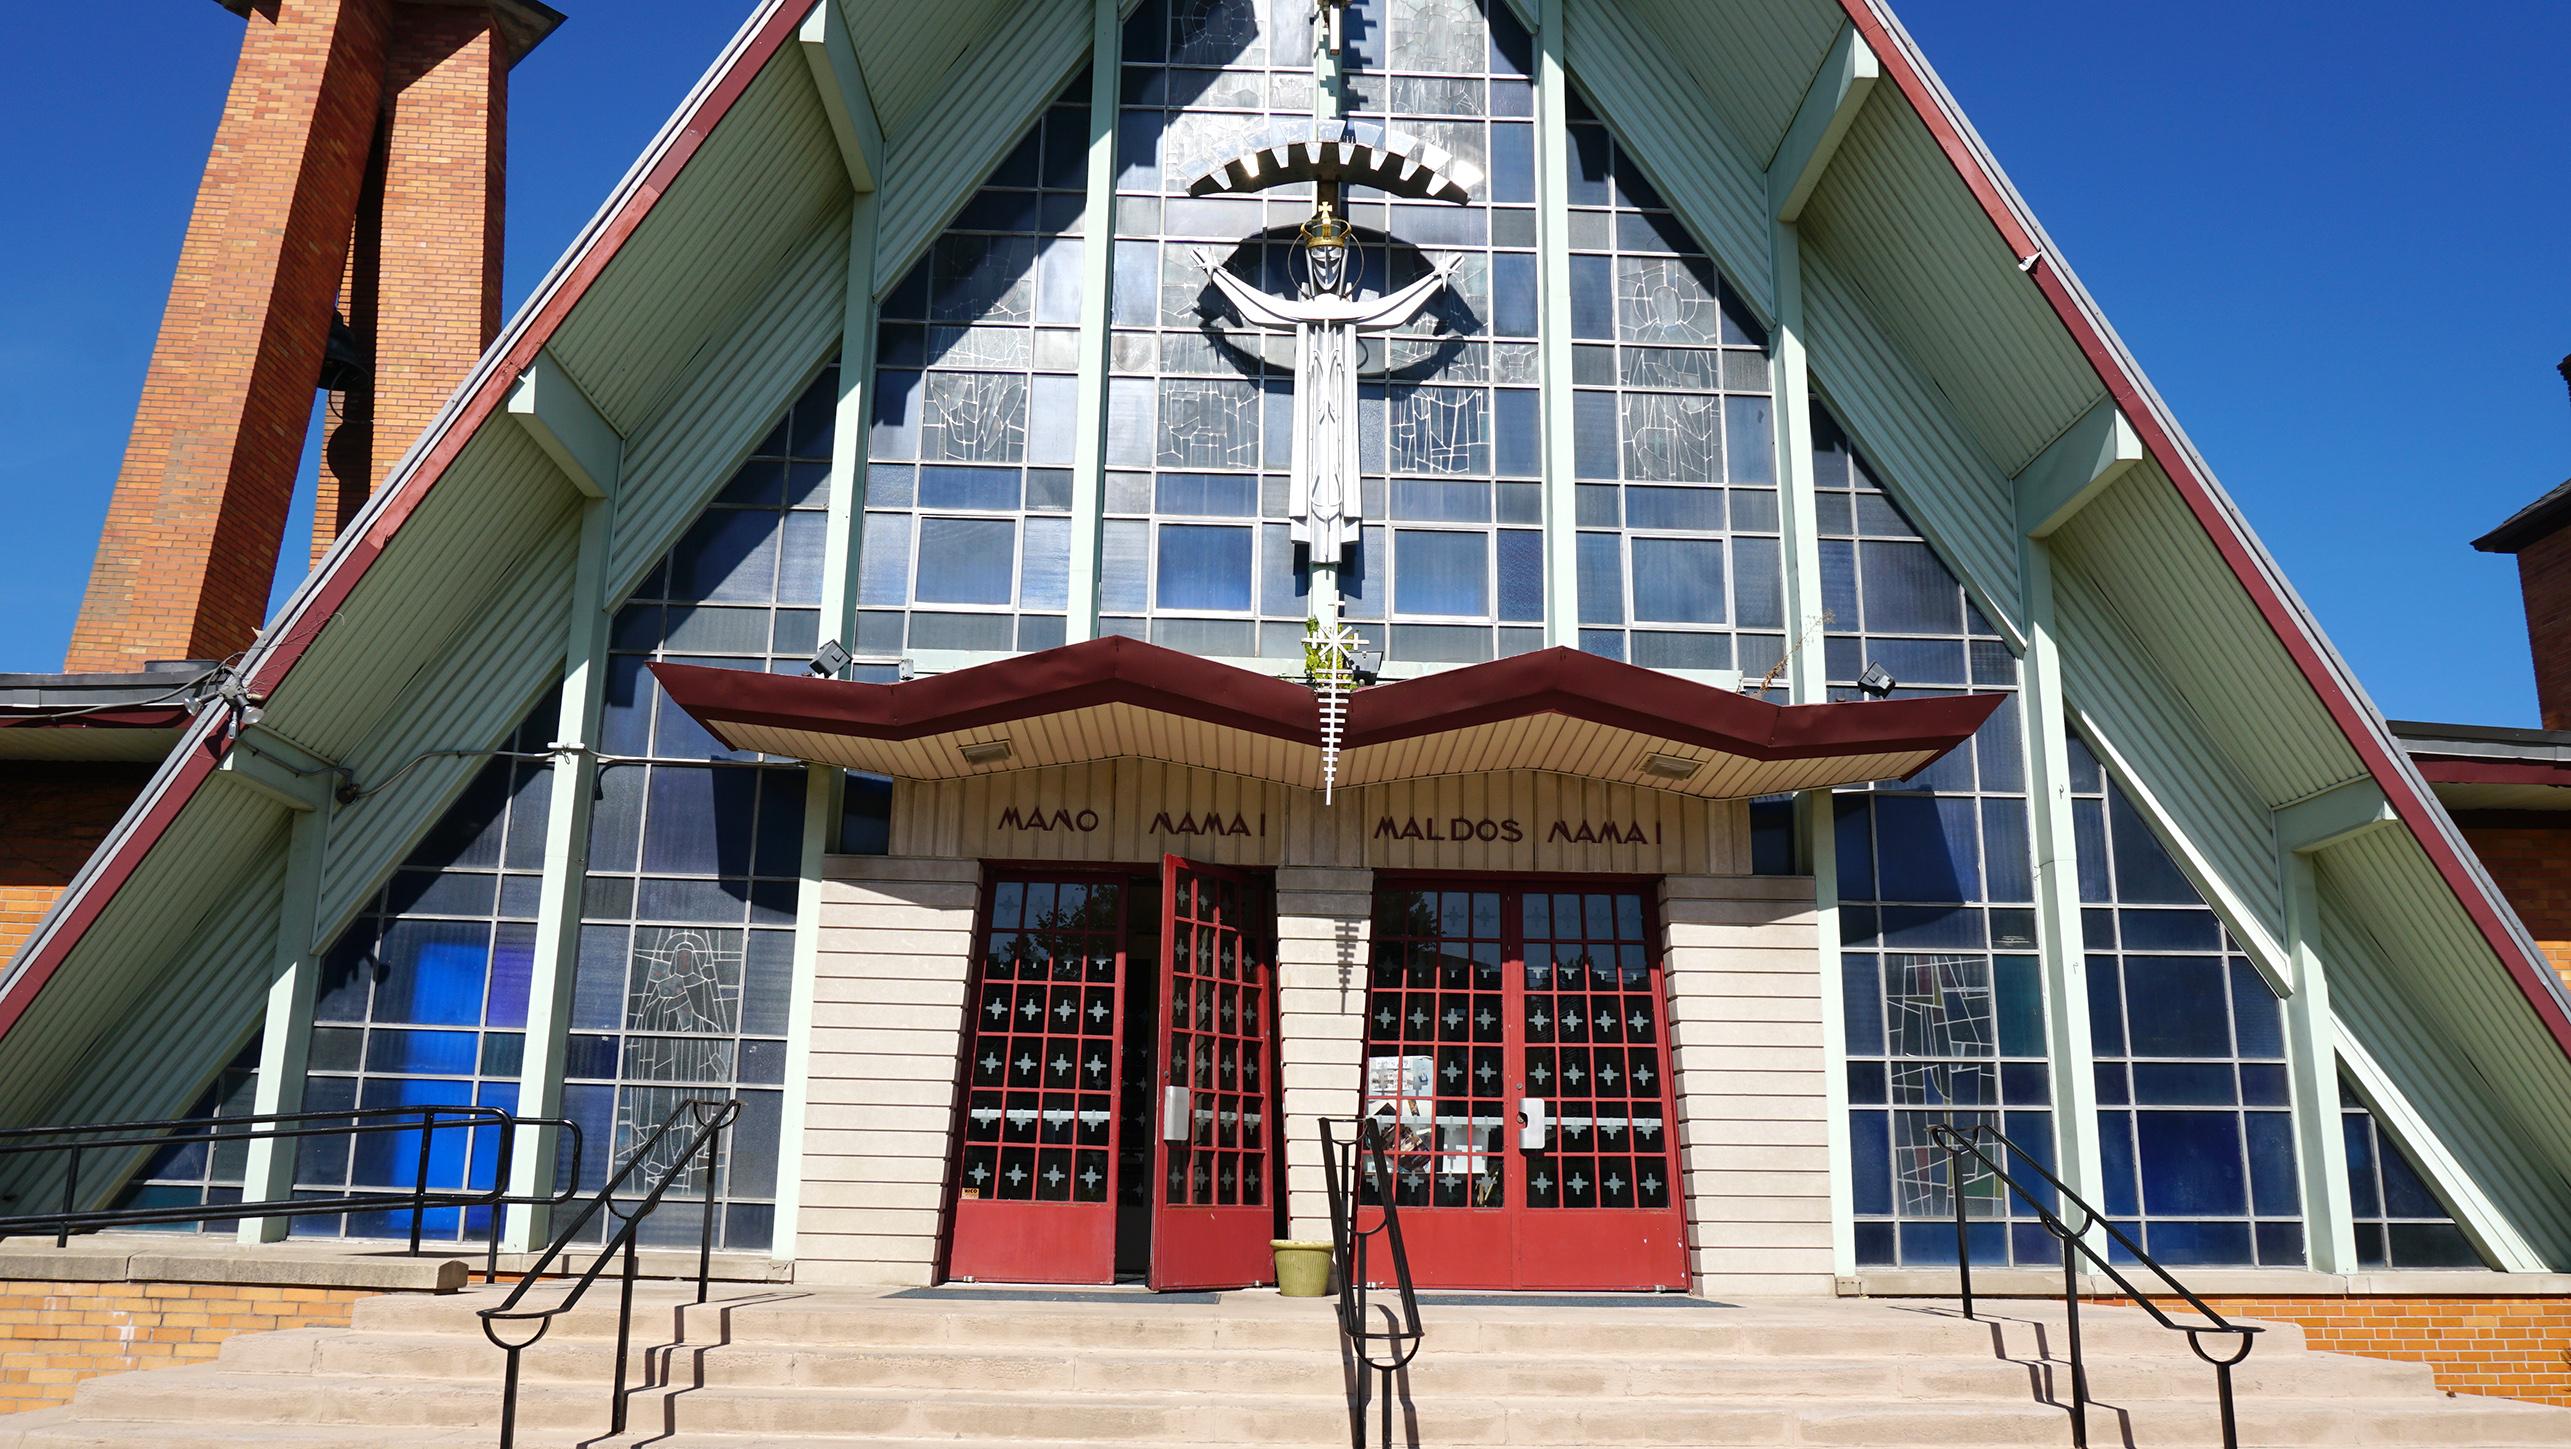 Vienas lietuviškiausių pastatų New Yorke – Atsimainymo lietuvių bažnyčia. Architektas J. Mulokas ir interjero kūrėjas V. K. Jonynas čia mėgino tęsti tarpukario Kauno architektų pradėtas paieškas: sukurti naują lietuvišką stilių – modernų, bet tautinį.